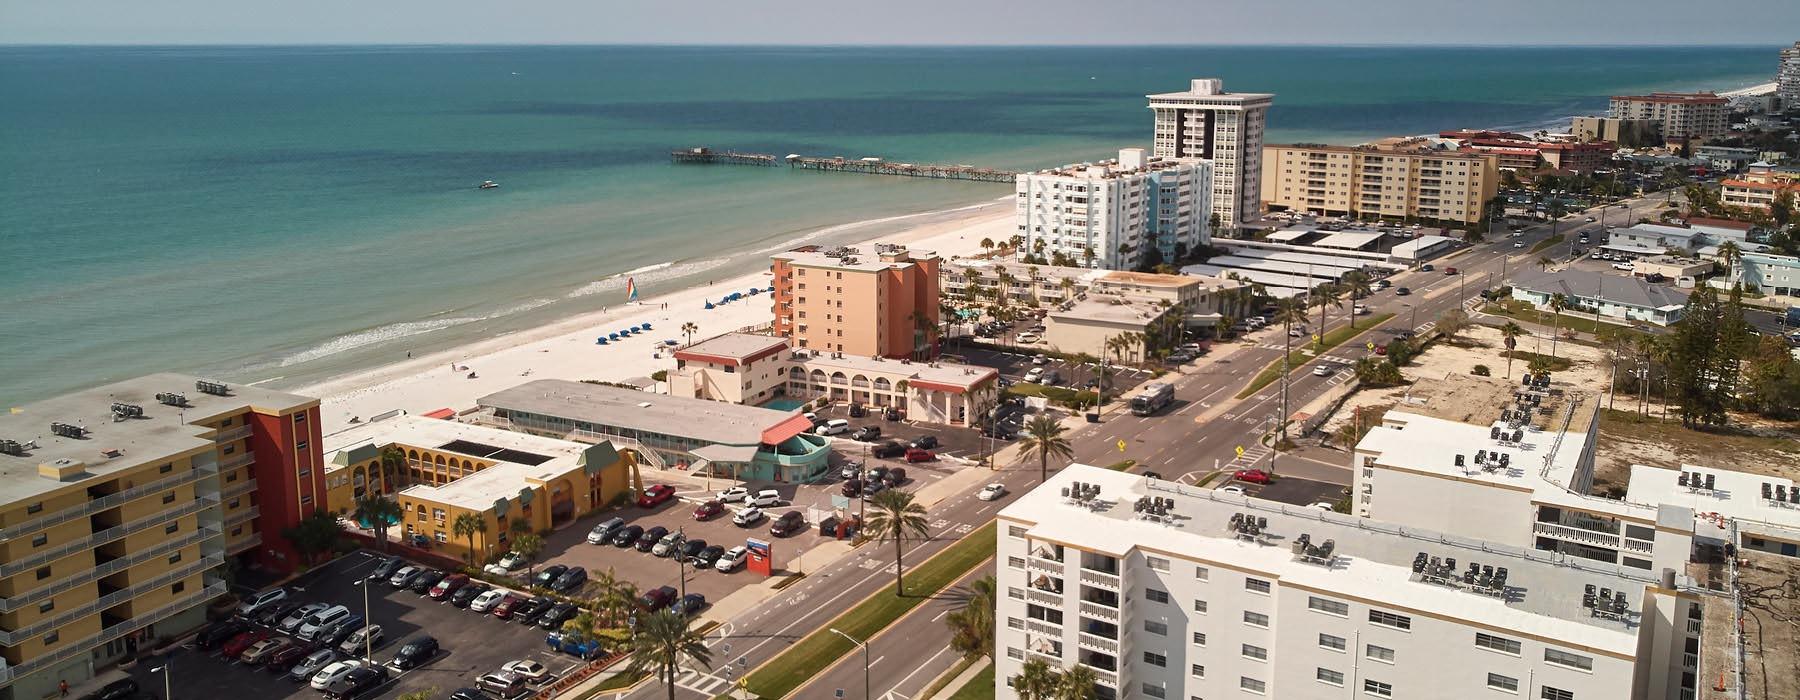 North Redington Beach, FL beach